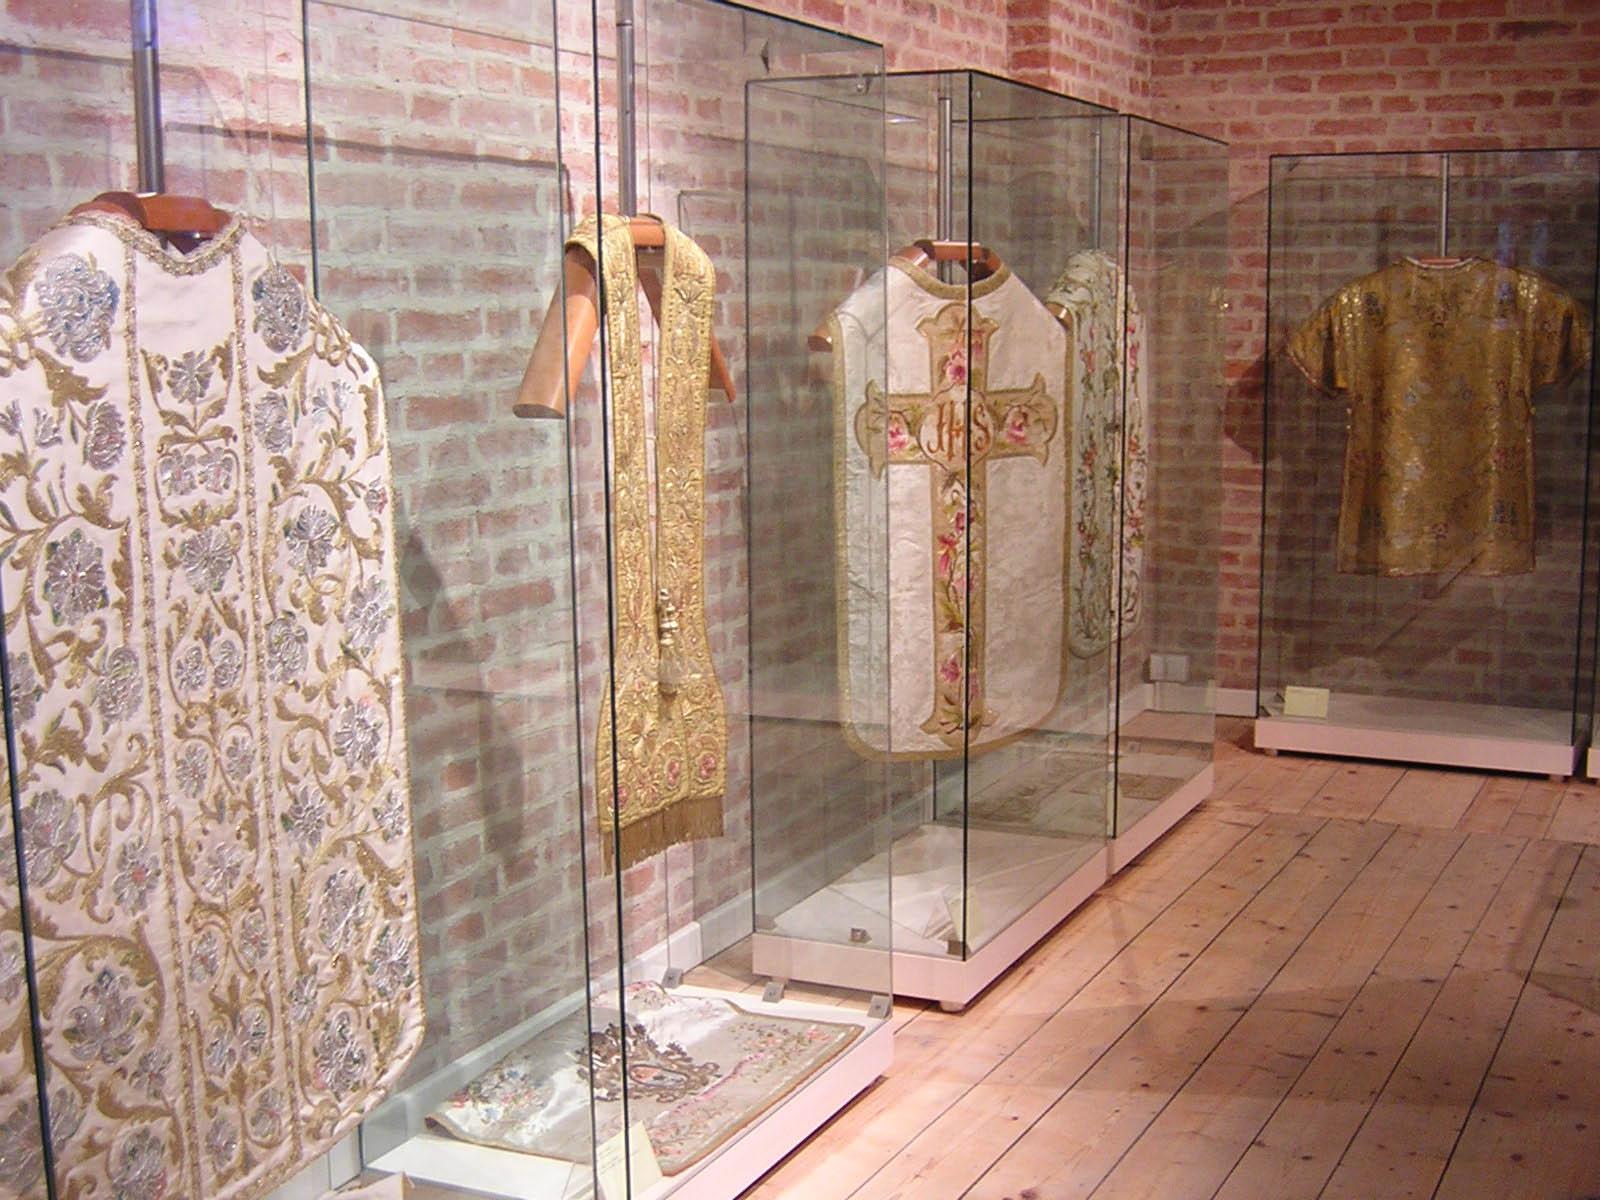 Alcune delle vesti sacre ospitate al secondo piano. E' possibile leggere la scheda della stola nella seconda bacheca da sinistra.